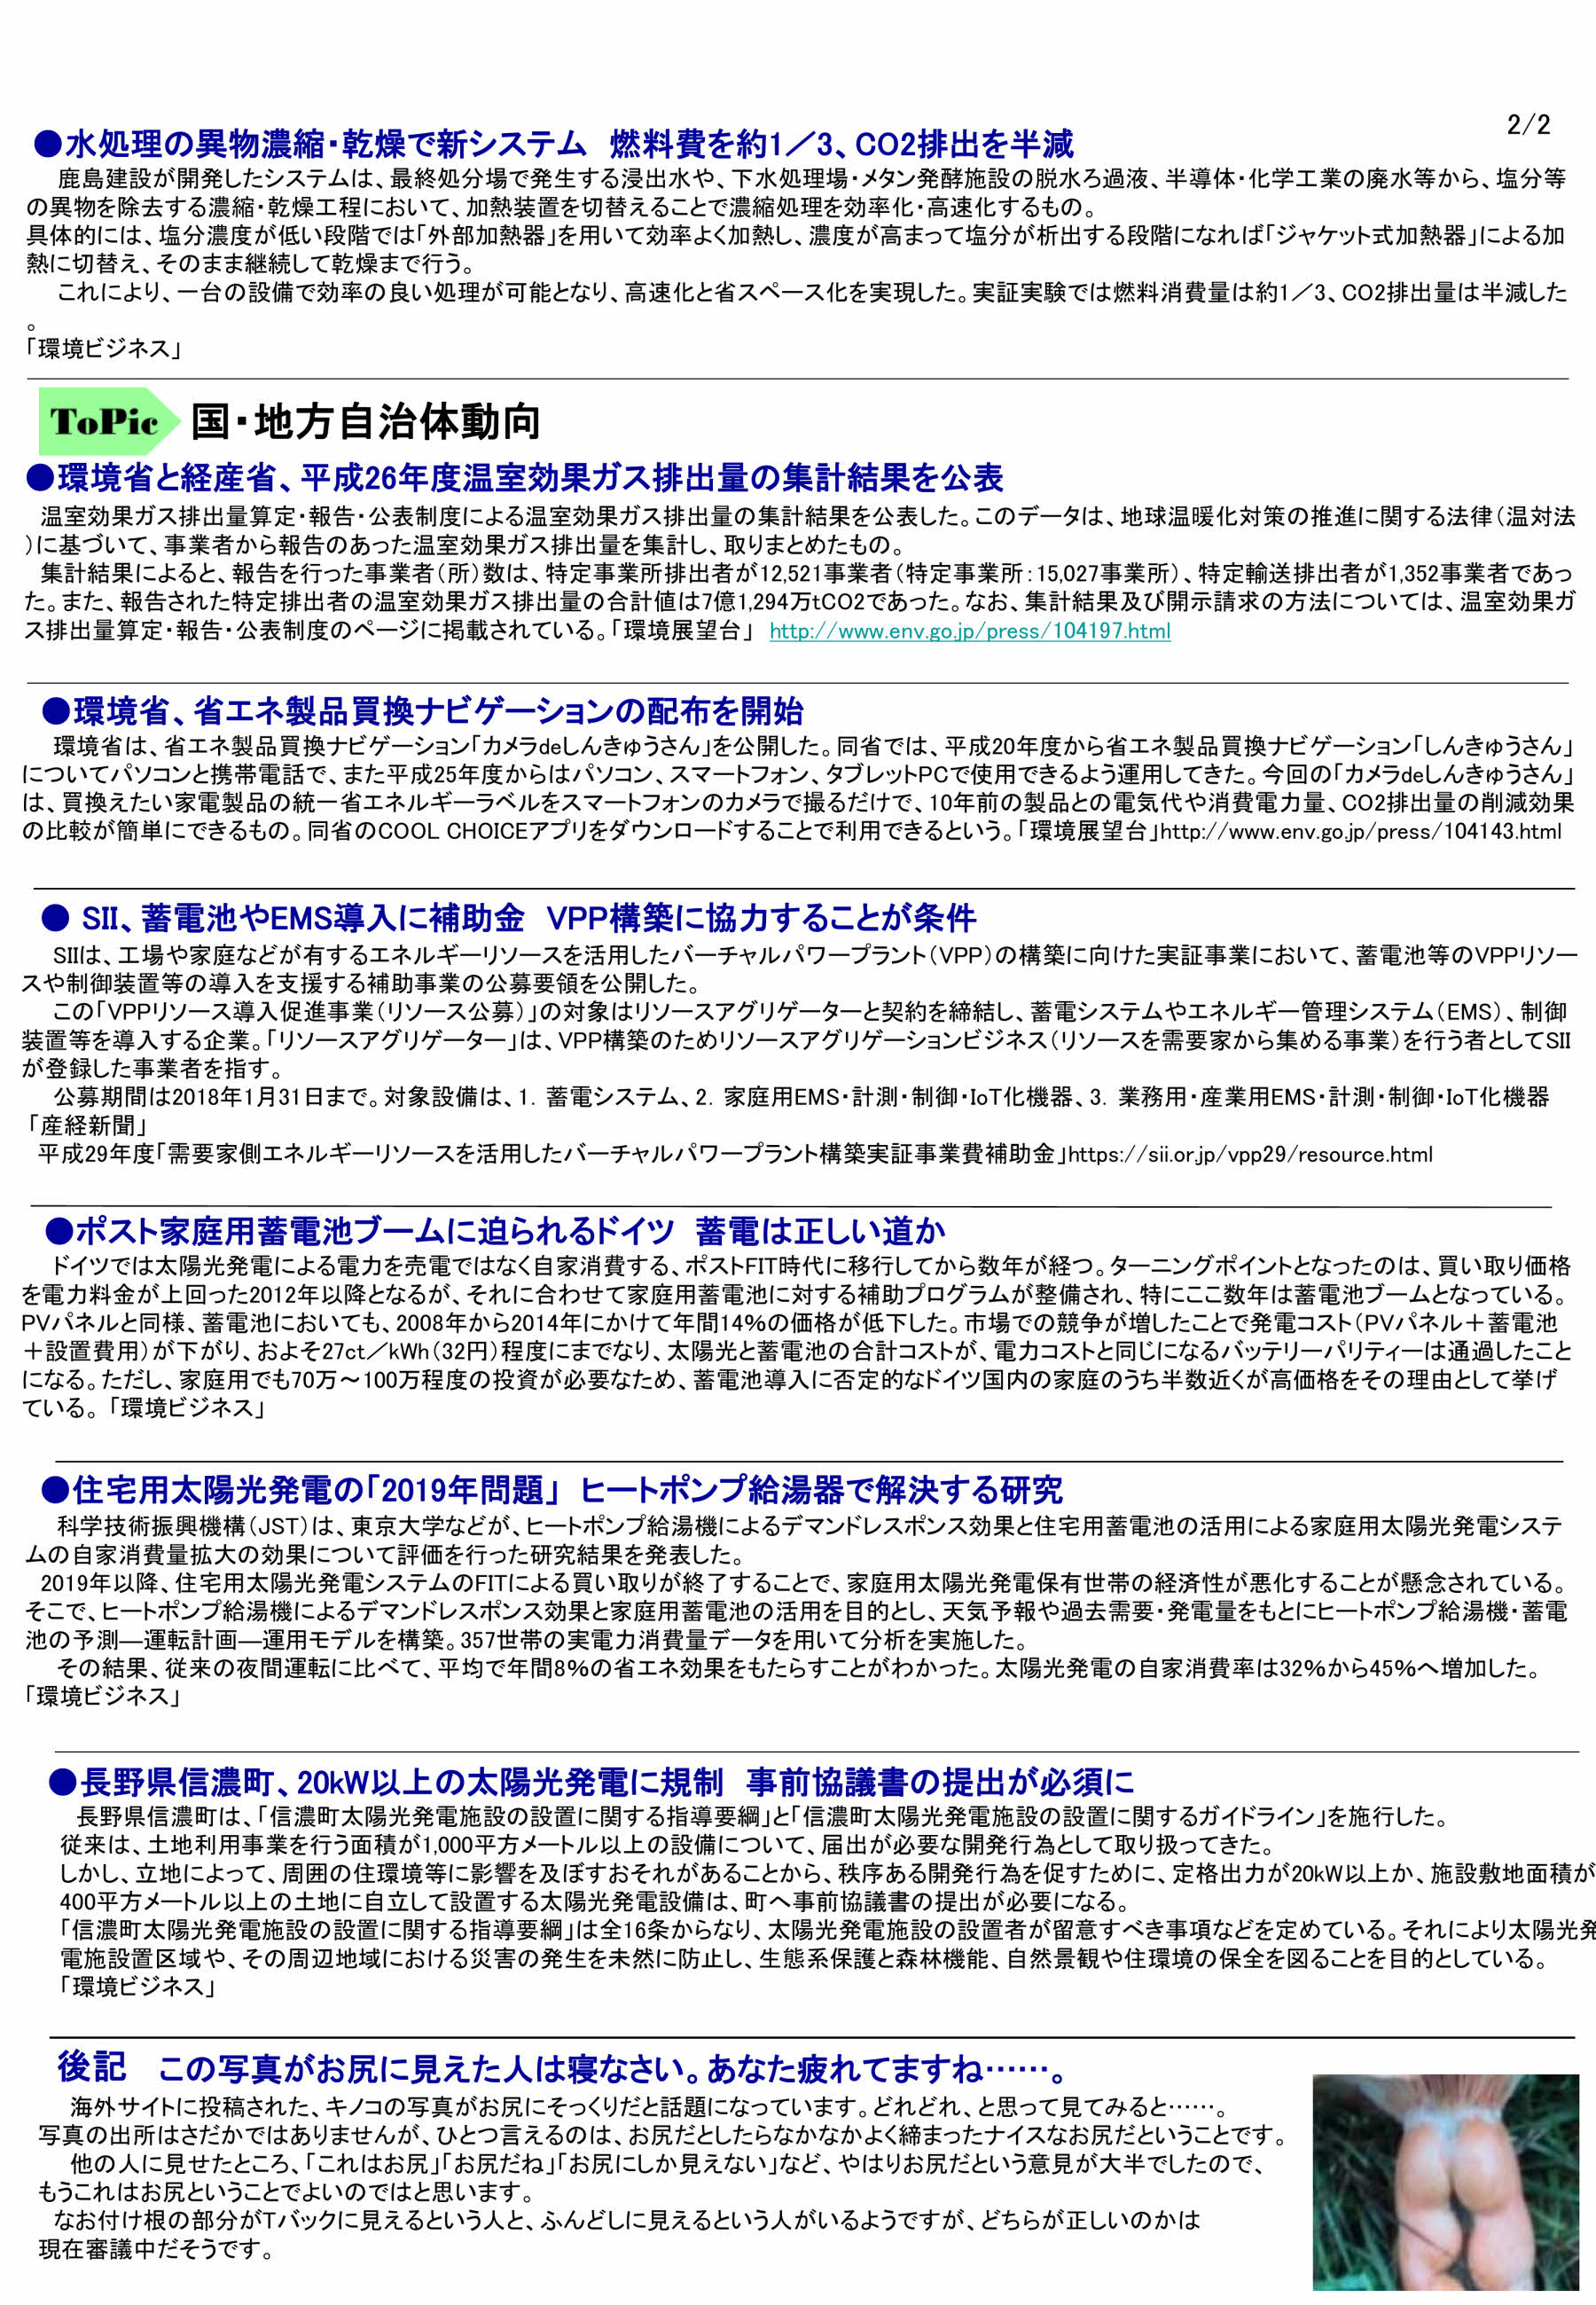 資源エネレポート -N0.39-